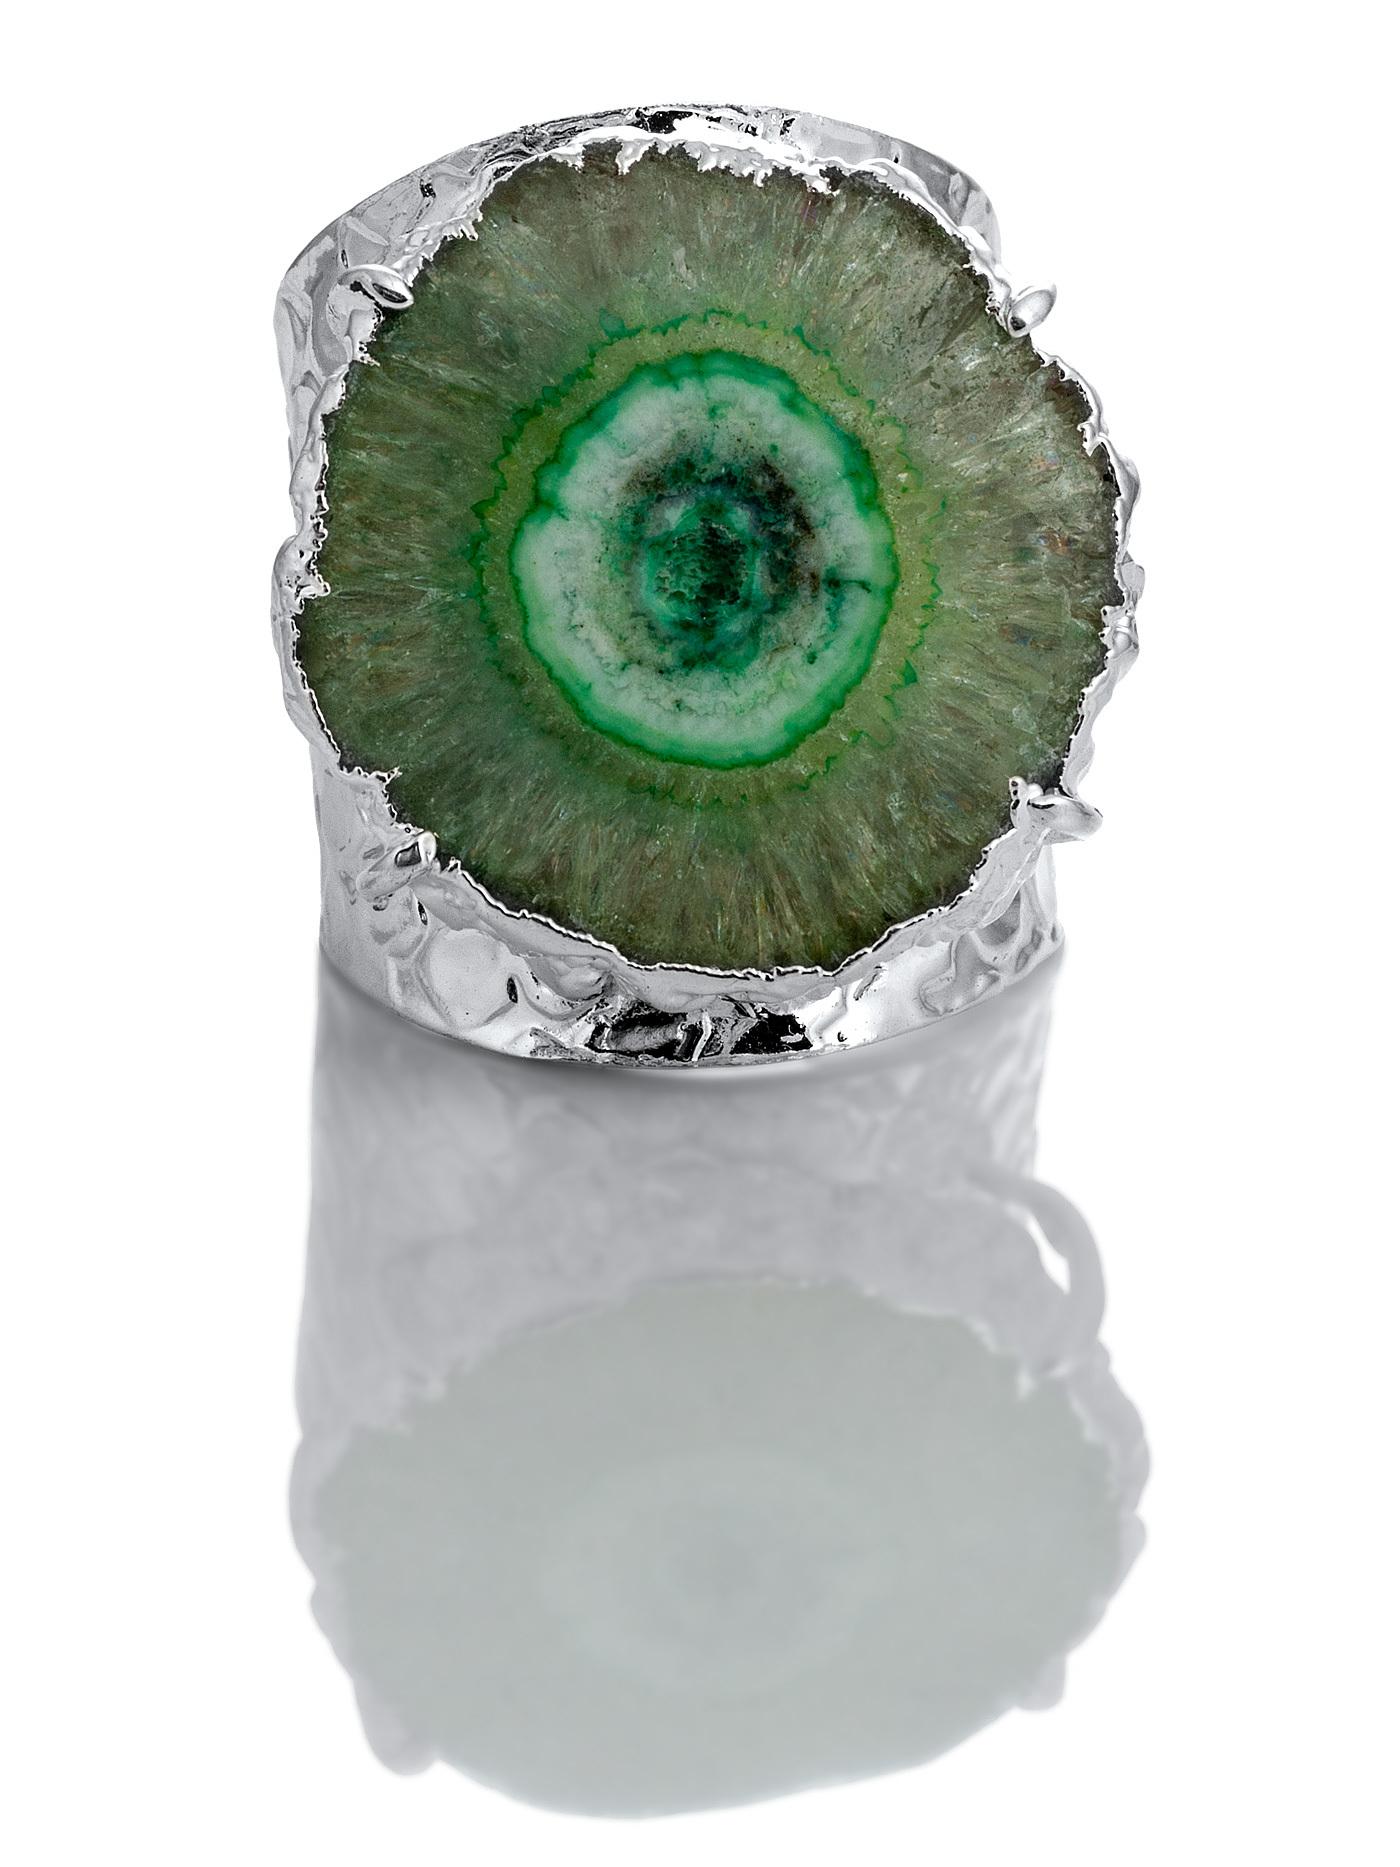 Дизайнерское кольцо с жеодой агата зеленого цвета